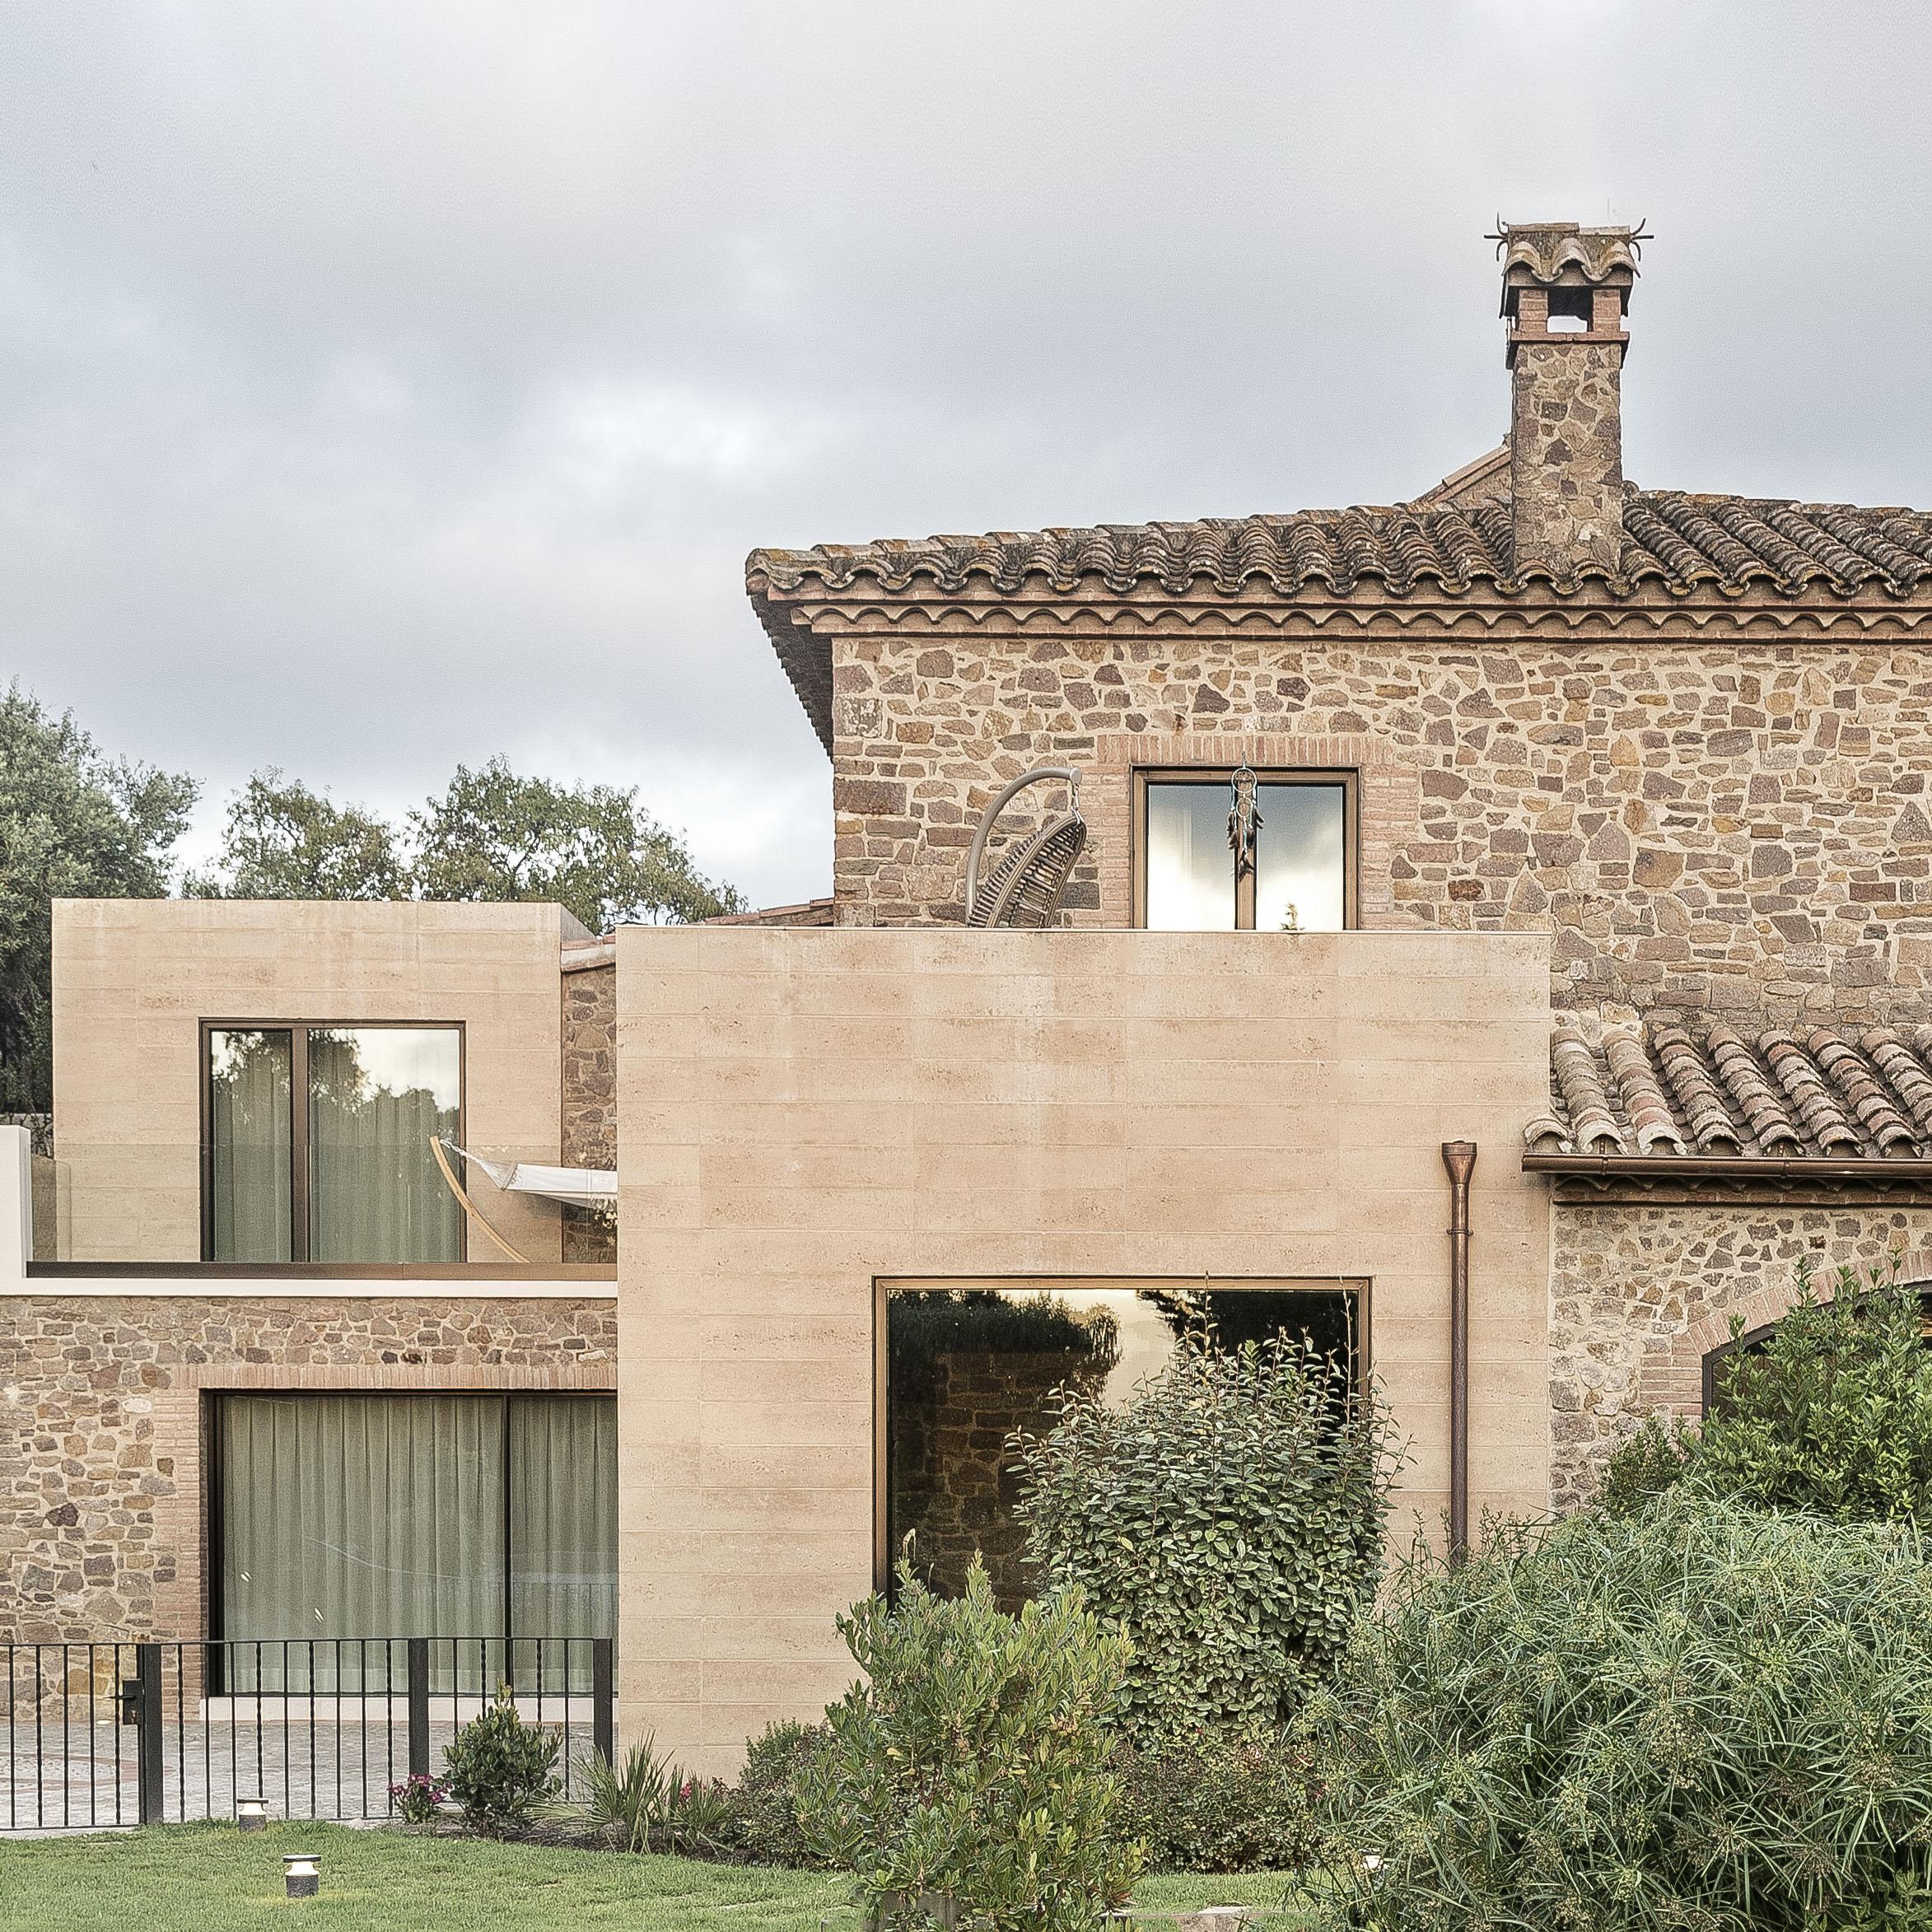 Dezain architects - Fetdeterra